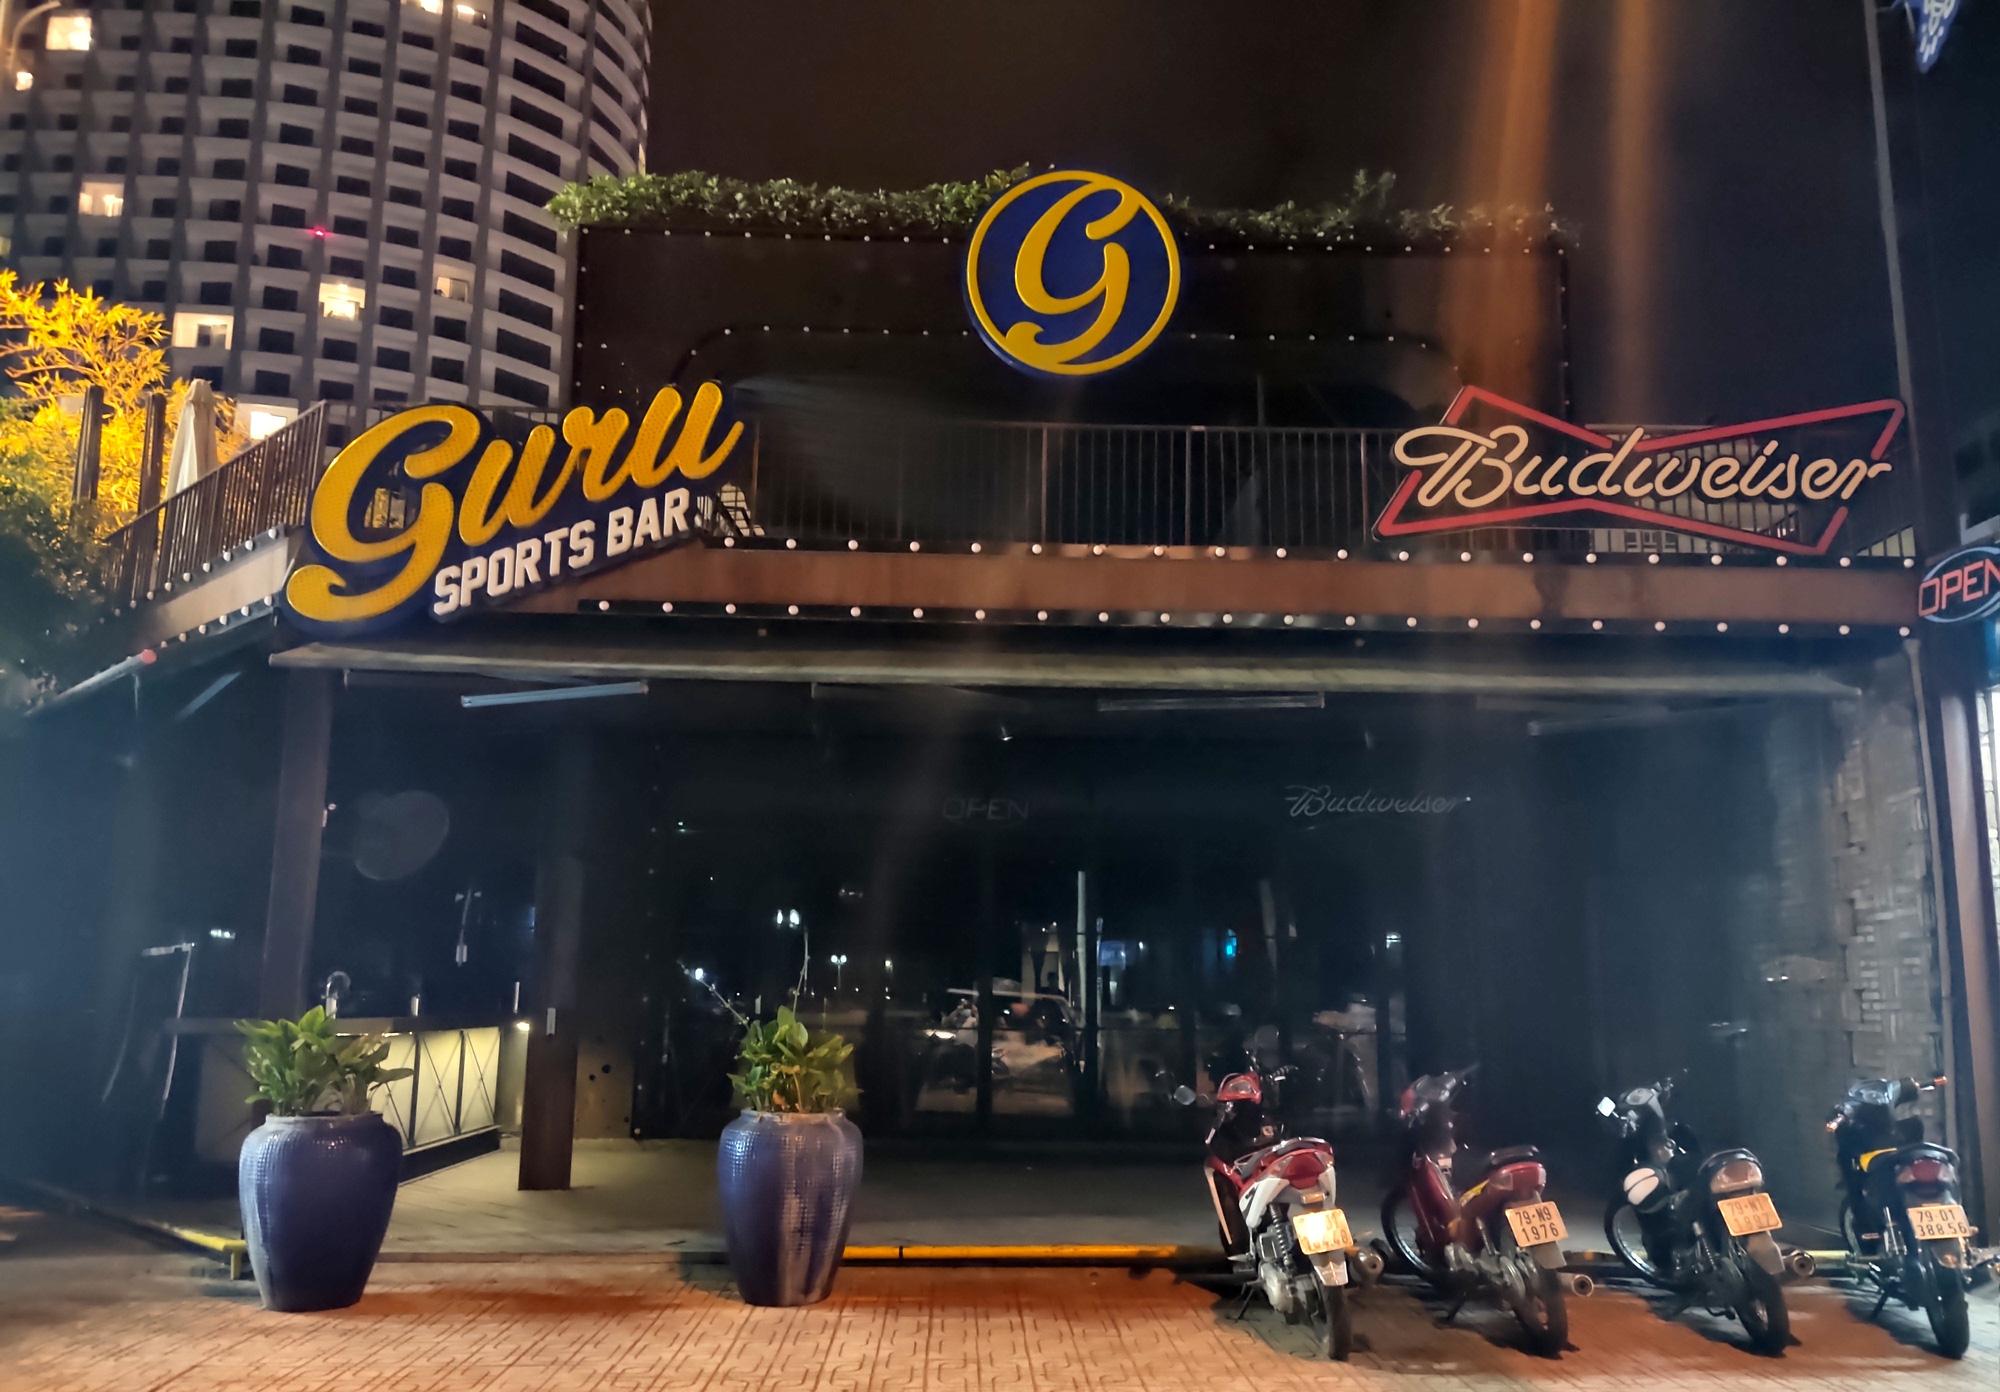 TP Nha Trang lạ lẫm khi hàng loạt khách sạn, nhà hàng, bar tắt đèn - Ảnh 2.